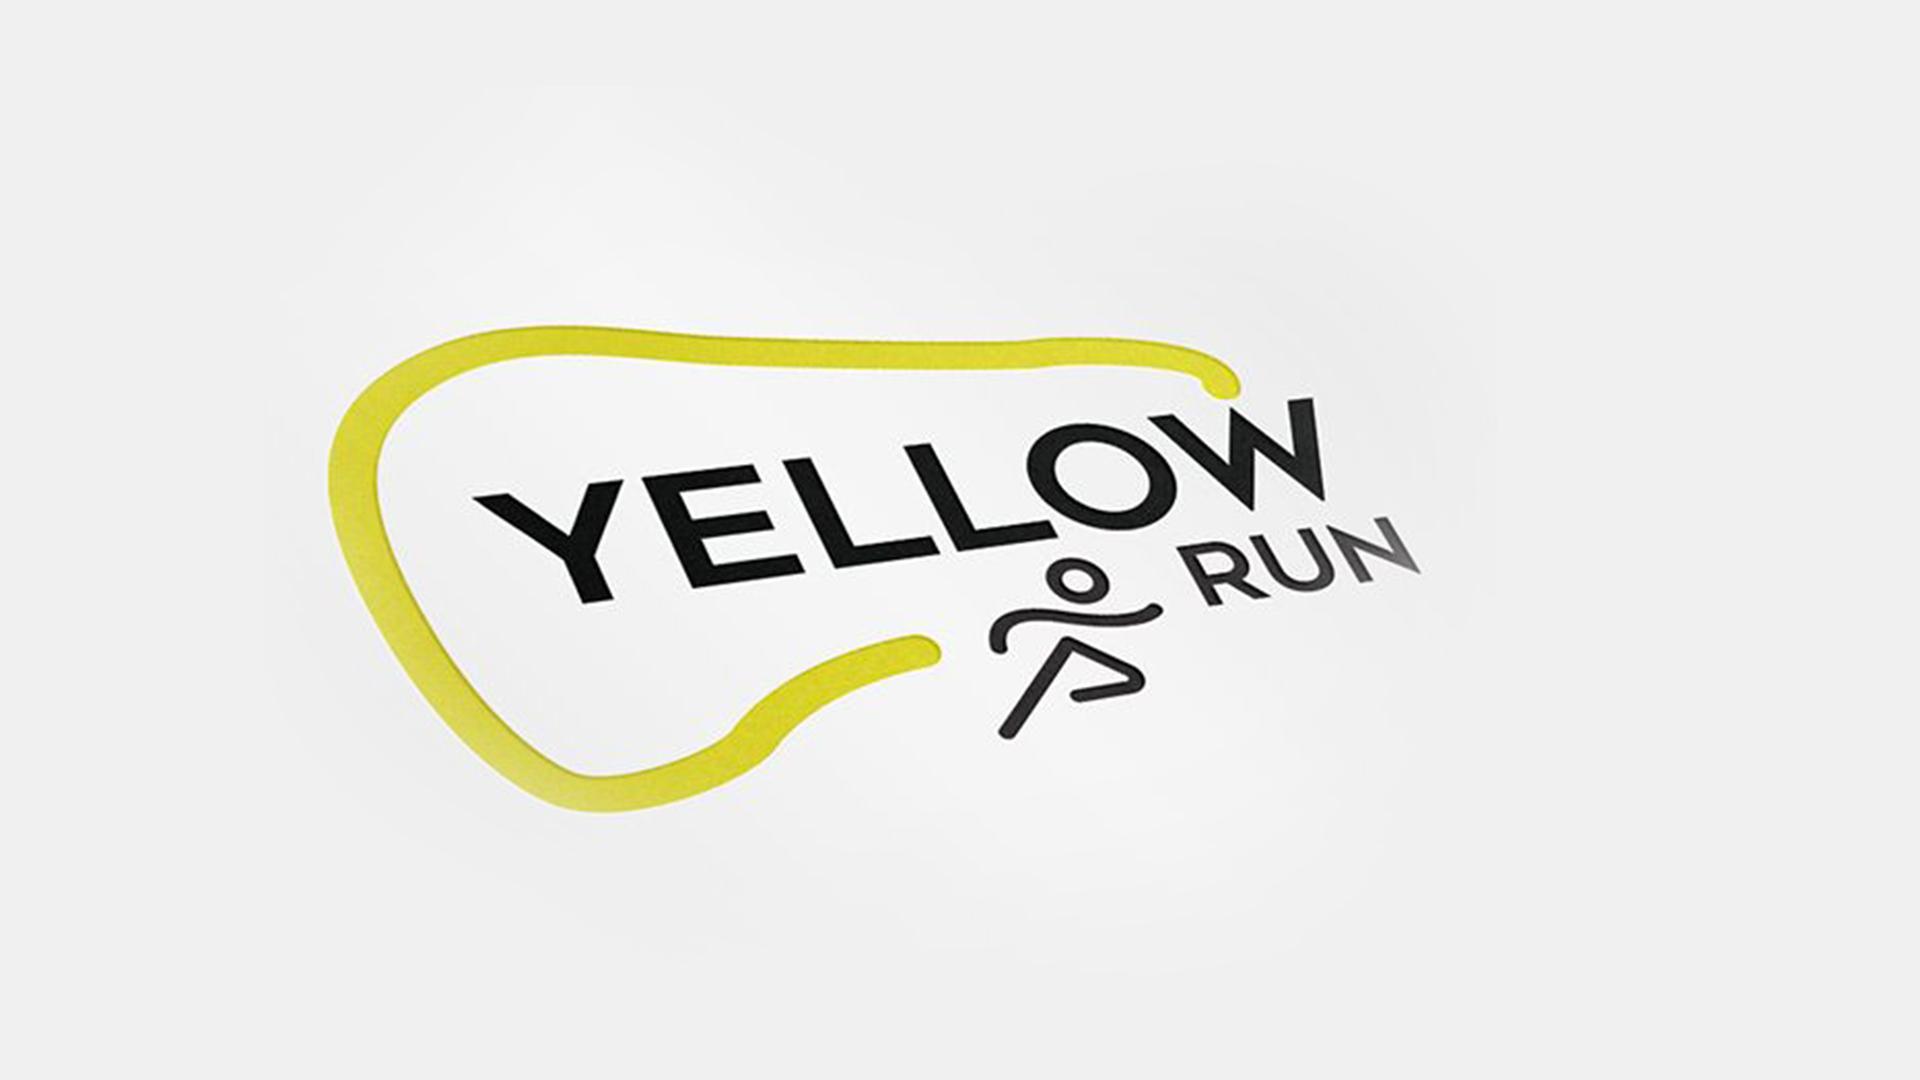 SLIDER-logo-yellow-run